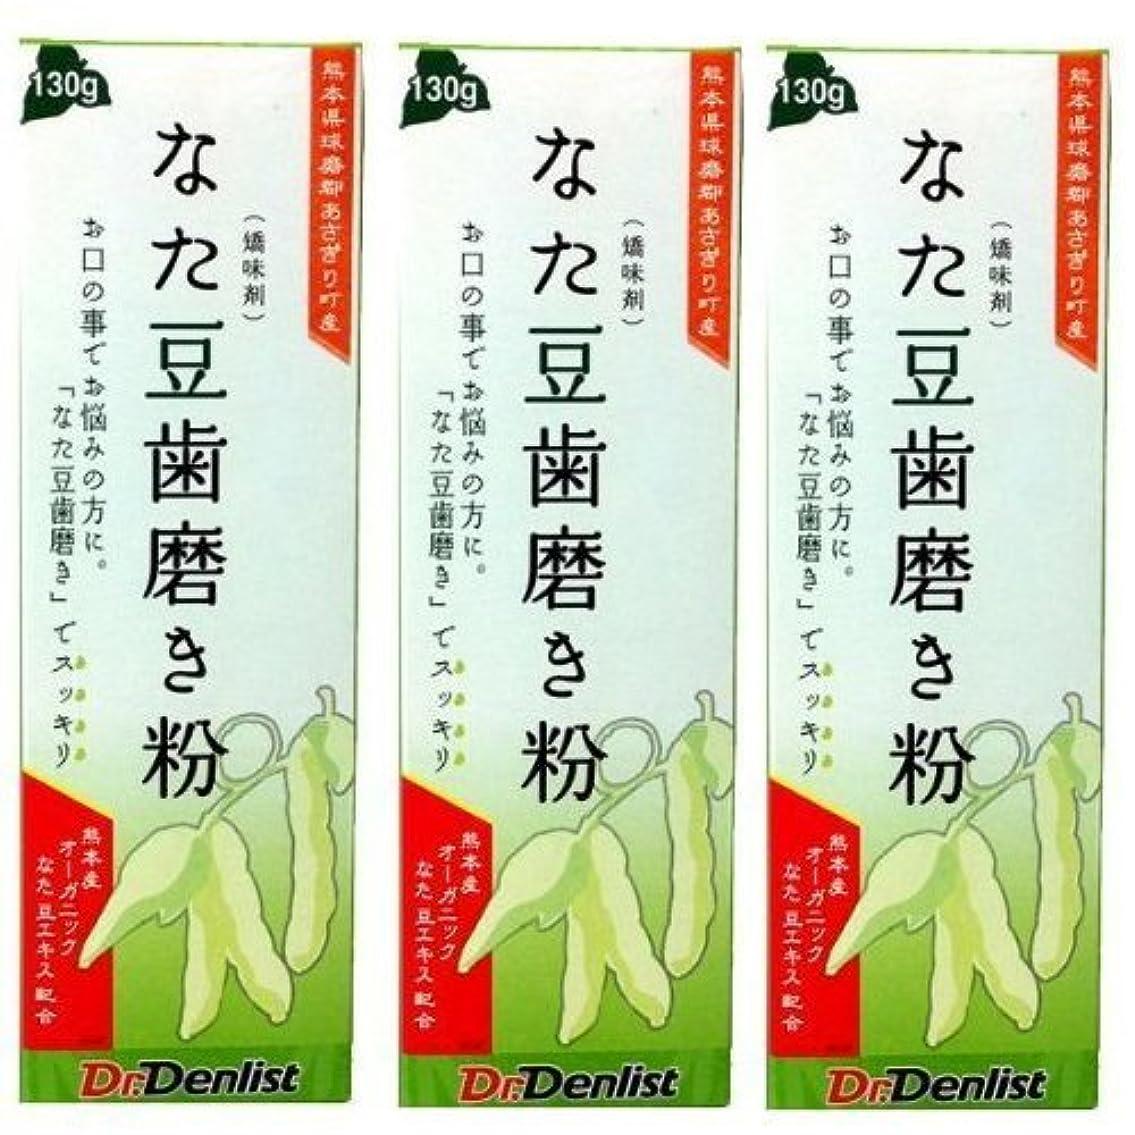 毎月足枷旧正月なた豆歯磨き粉 国産 130g ?3本セット?熊本県球磨郡あさぎり町産